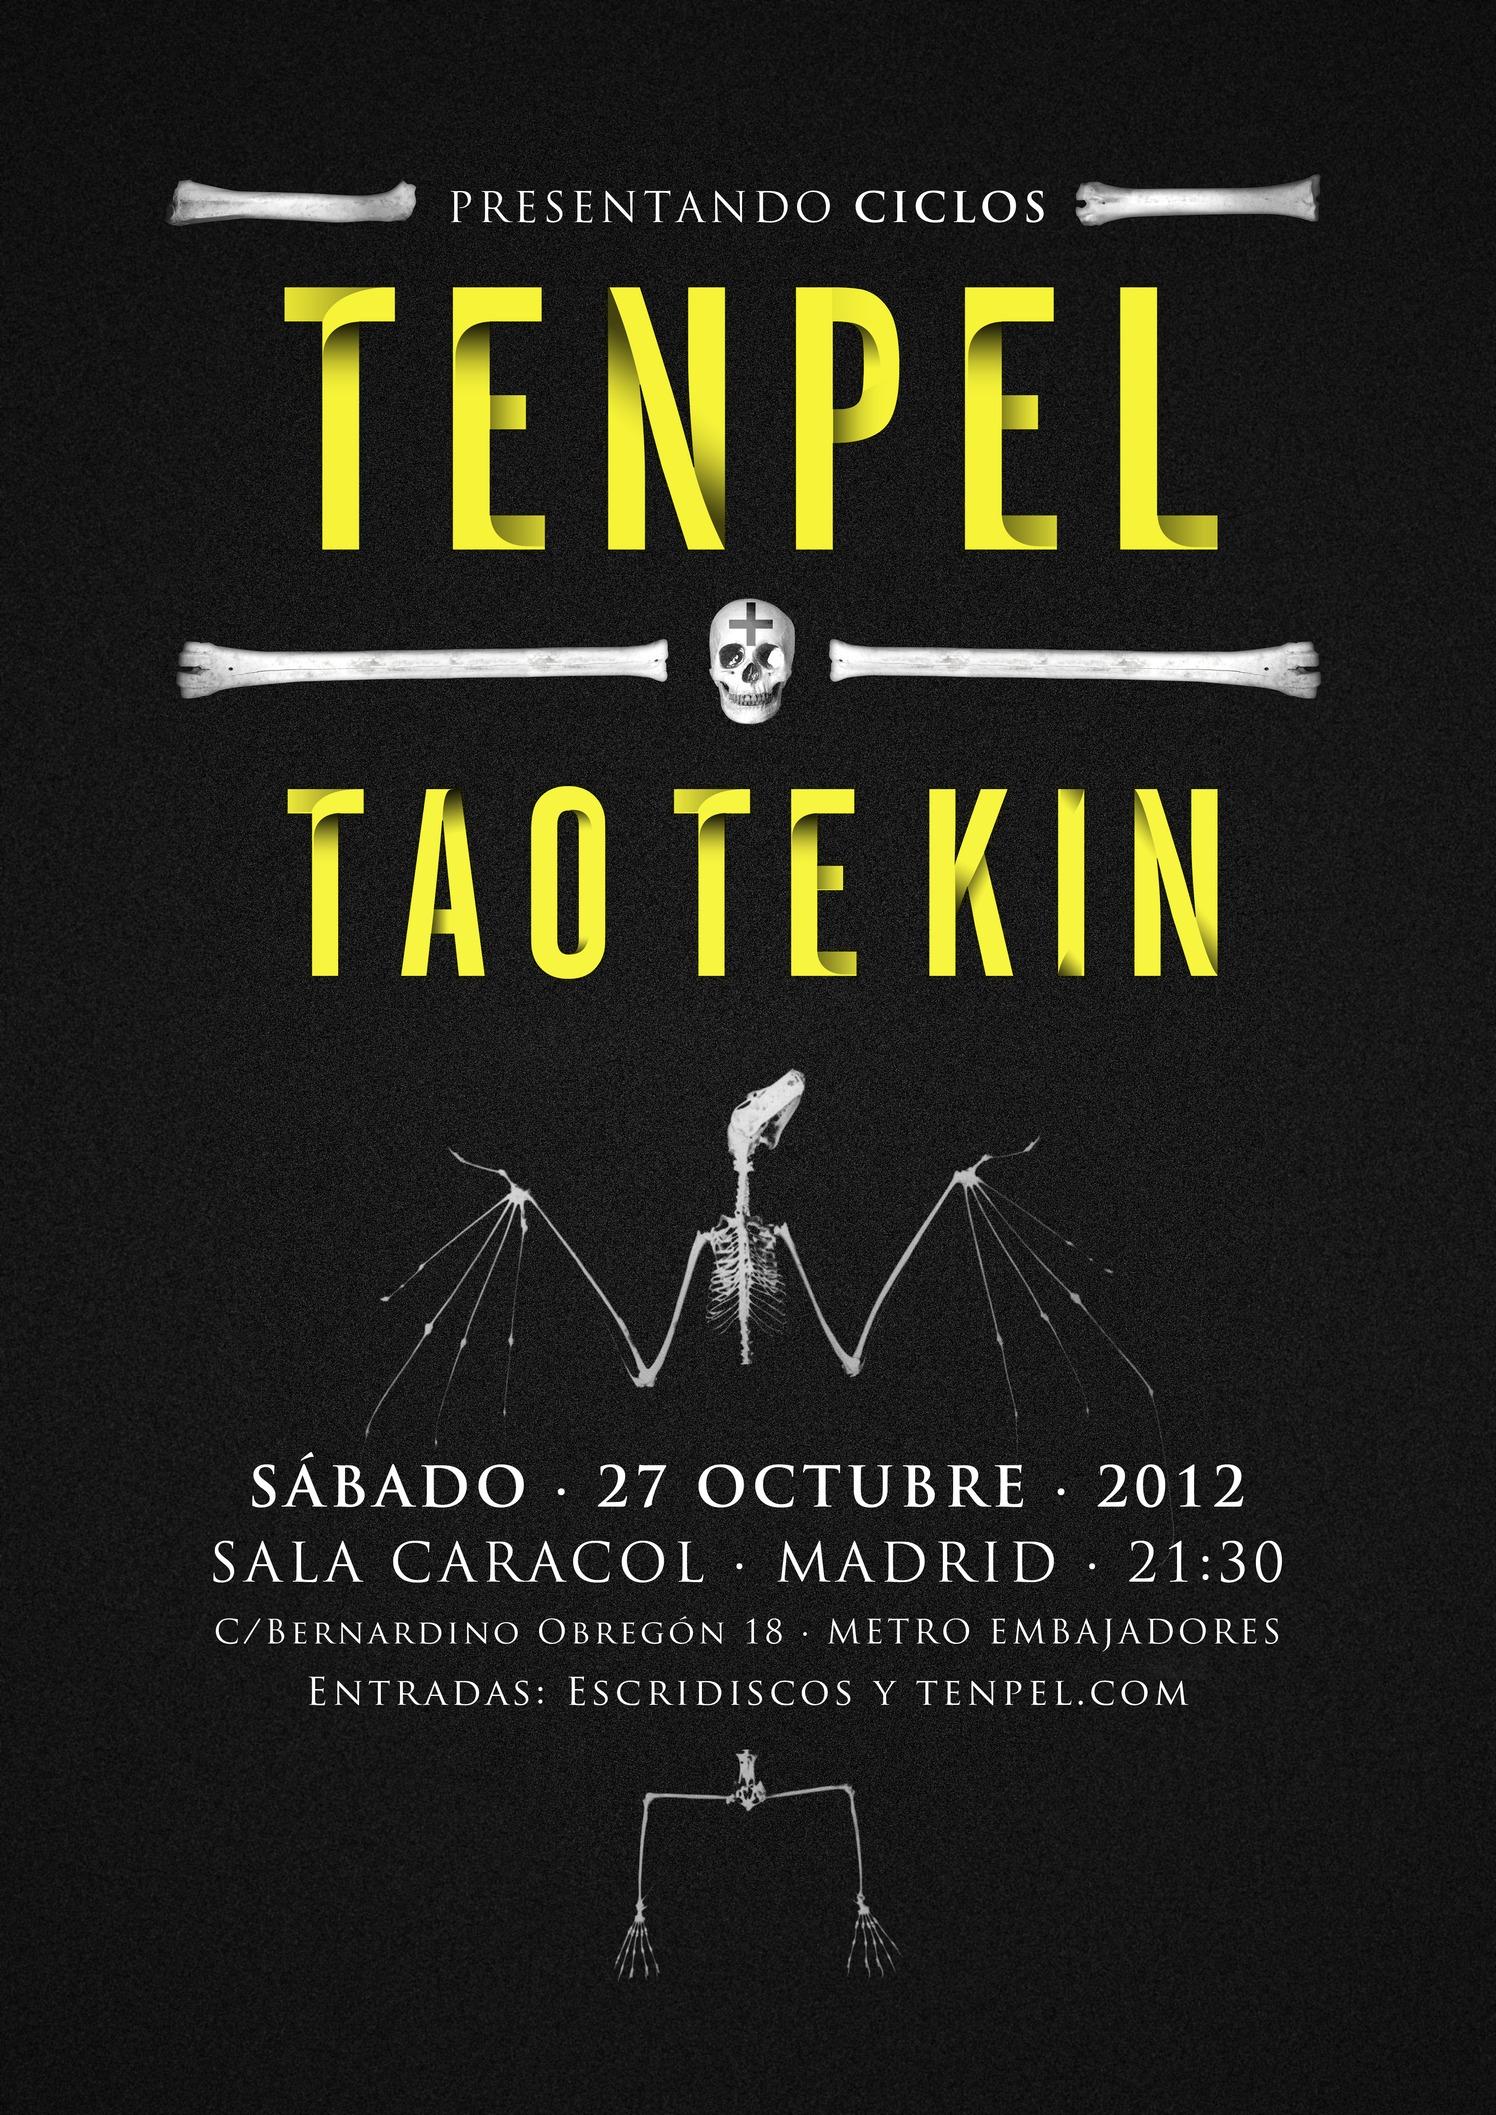 TENPEL en Madrid el 27 de Octubre